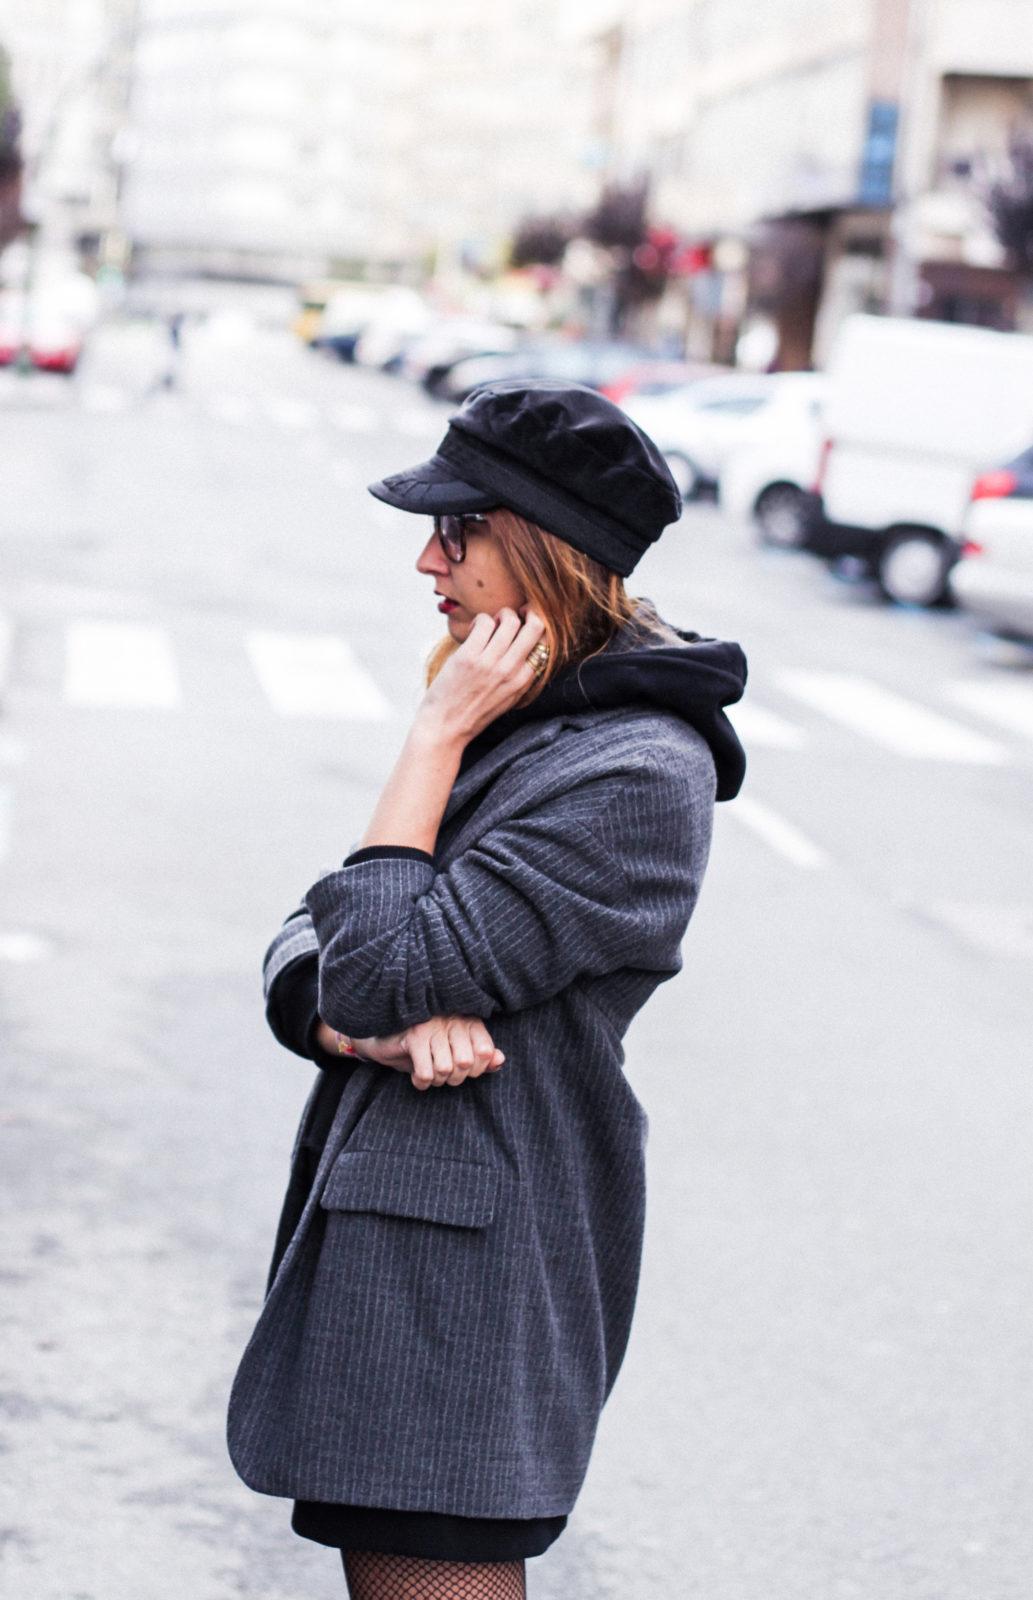 sudadera_wonder_woman_medias_de_rejilla_baker_boy_hat_gorra_marinera-20